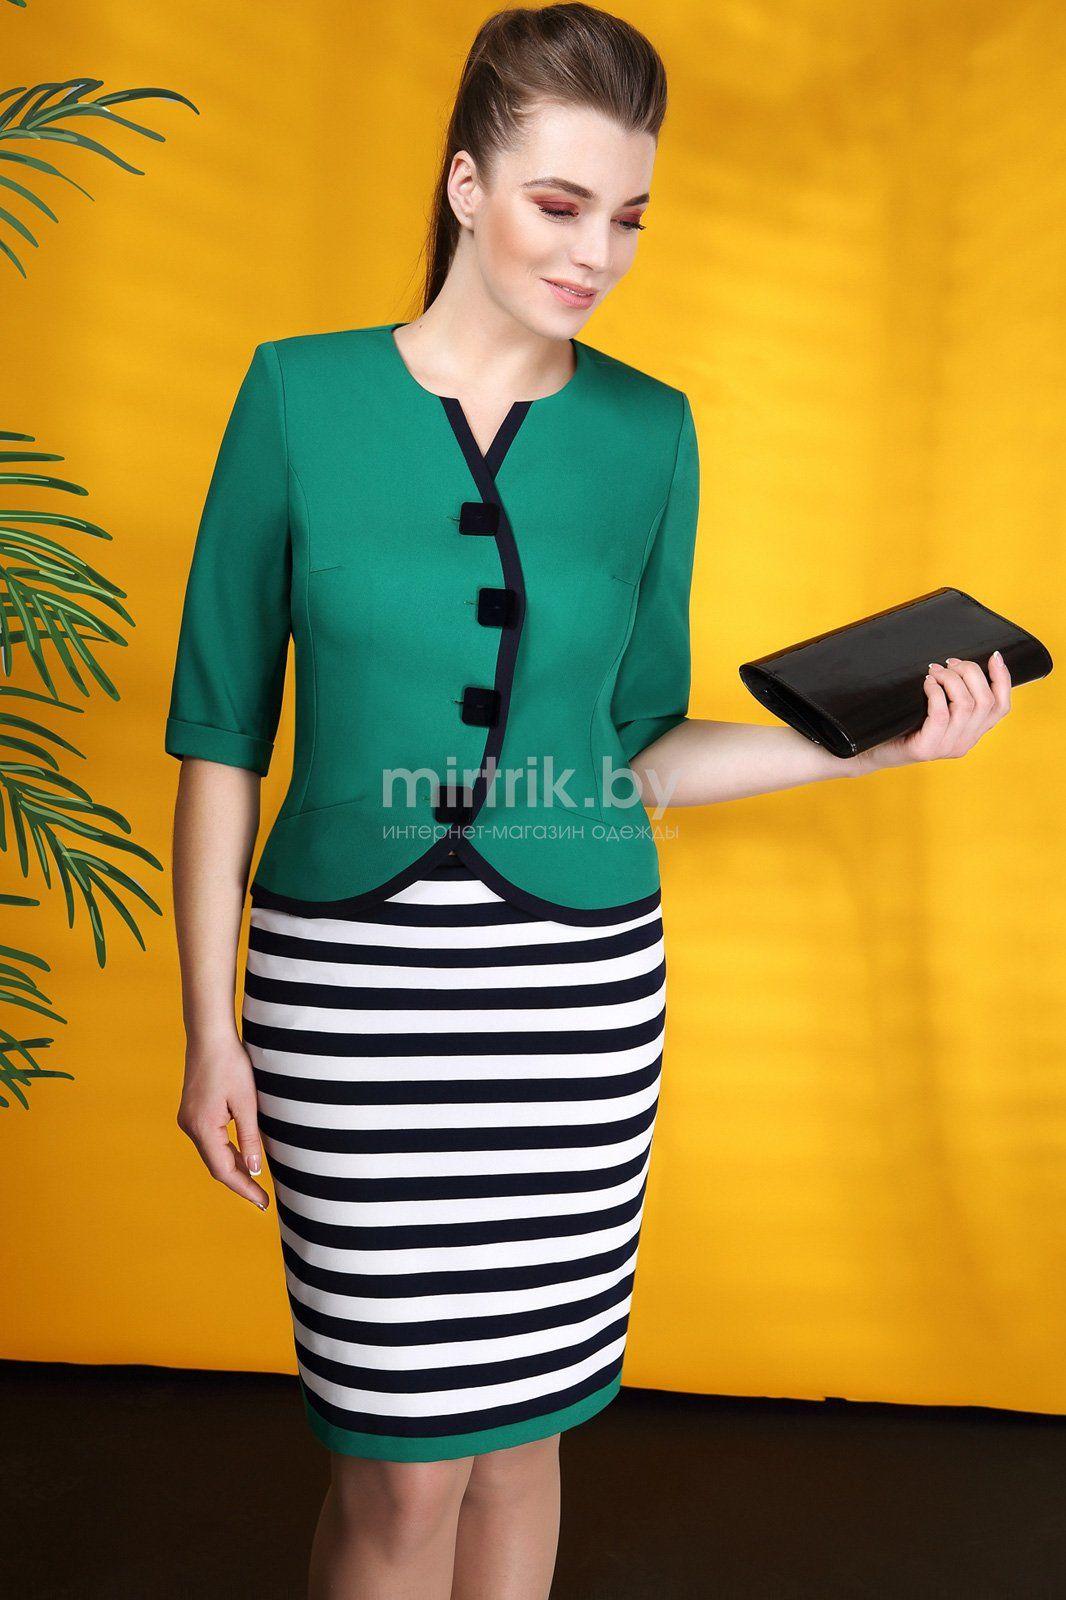 модели для магазинов одежды работа